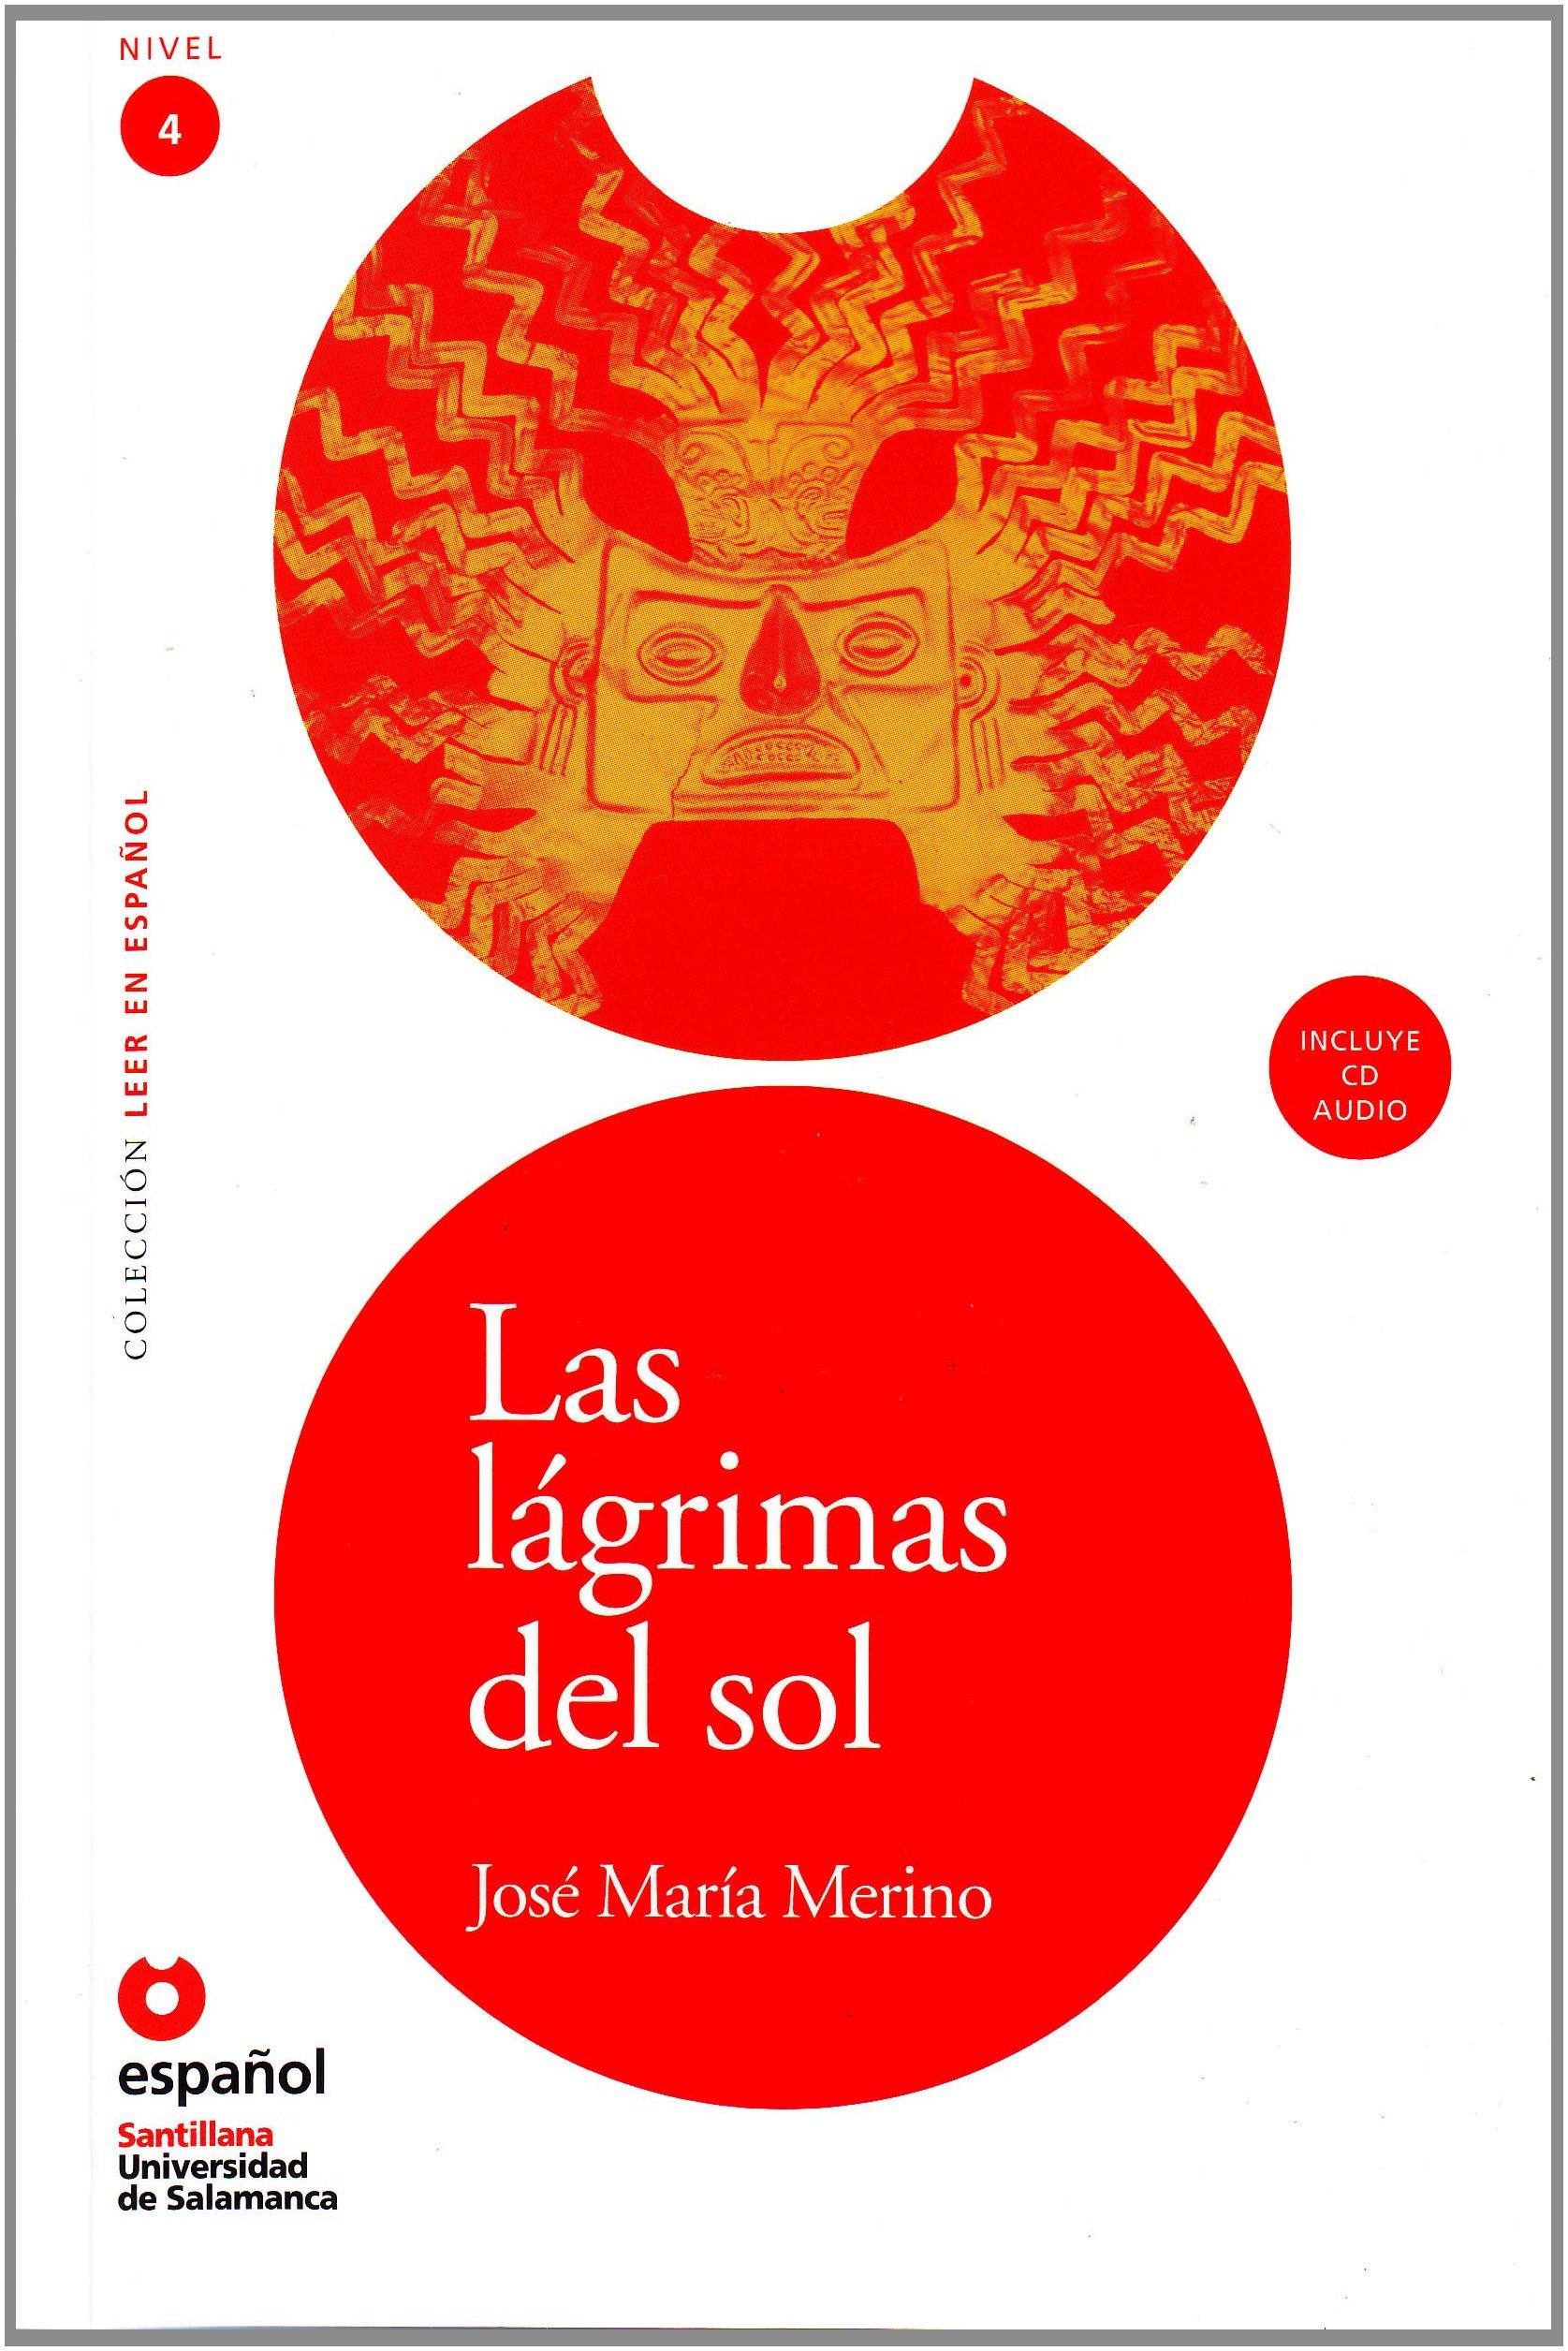 Las Lagrimas del Sol (CD)(Adaptacin) (Leer en espanol Level 4)